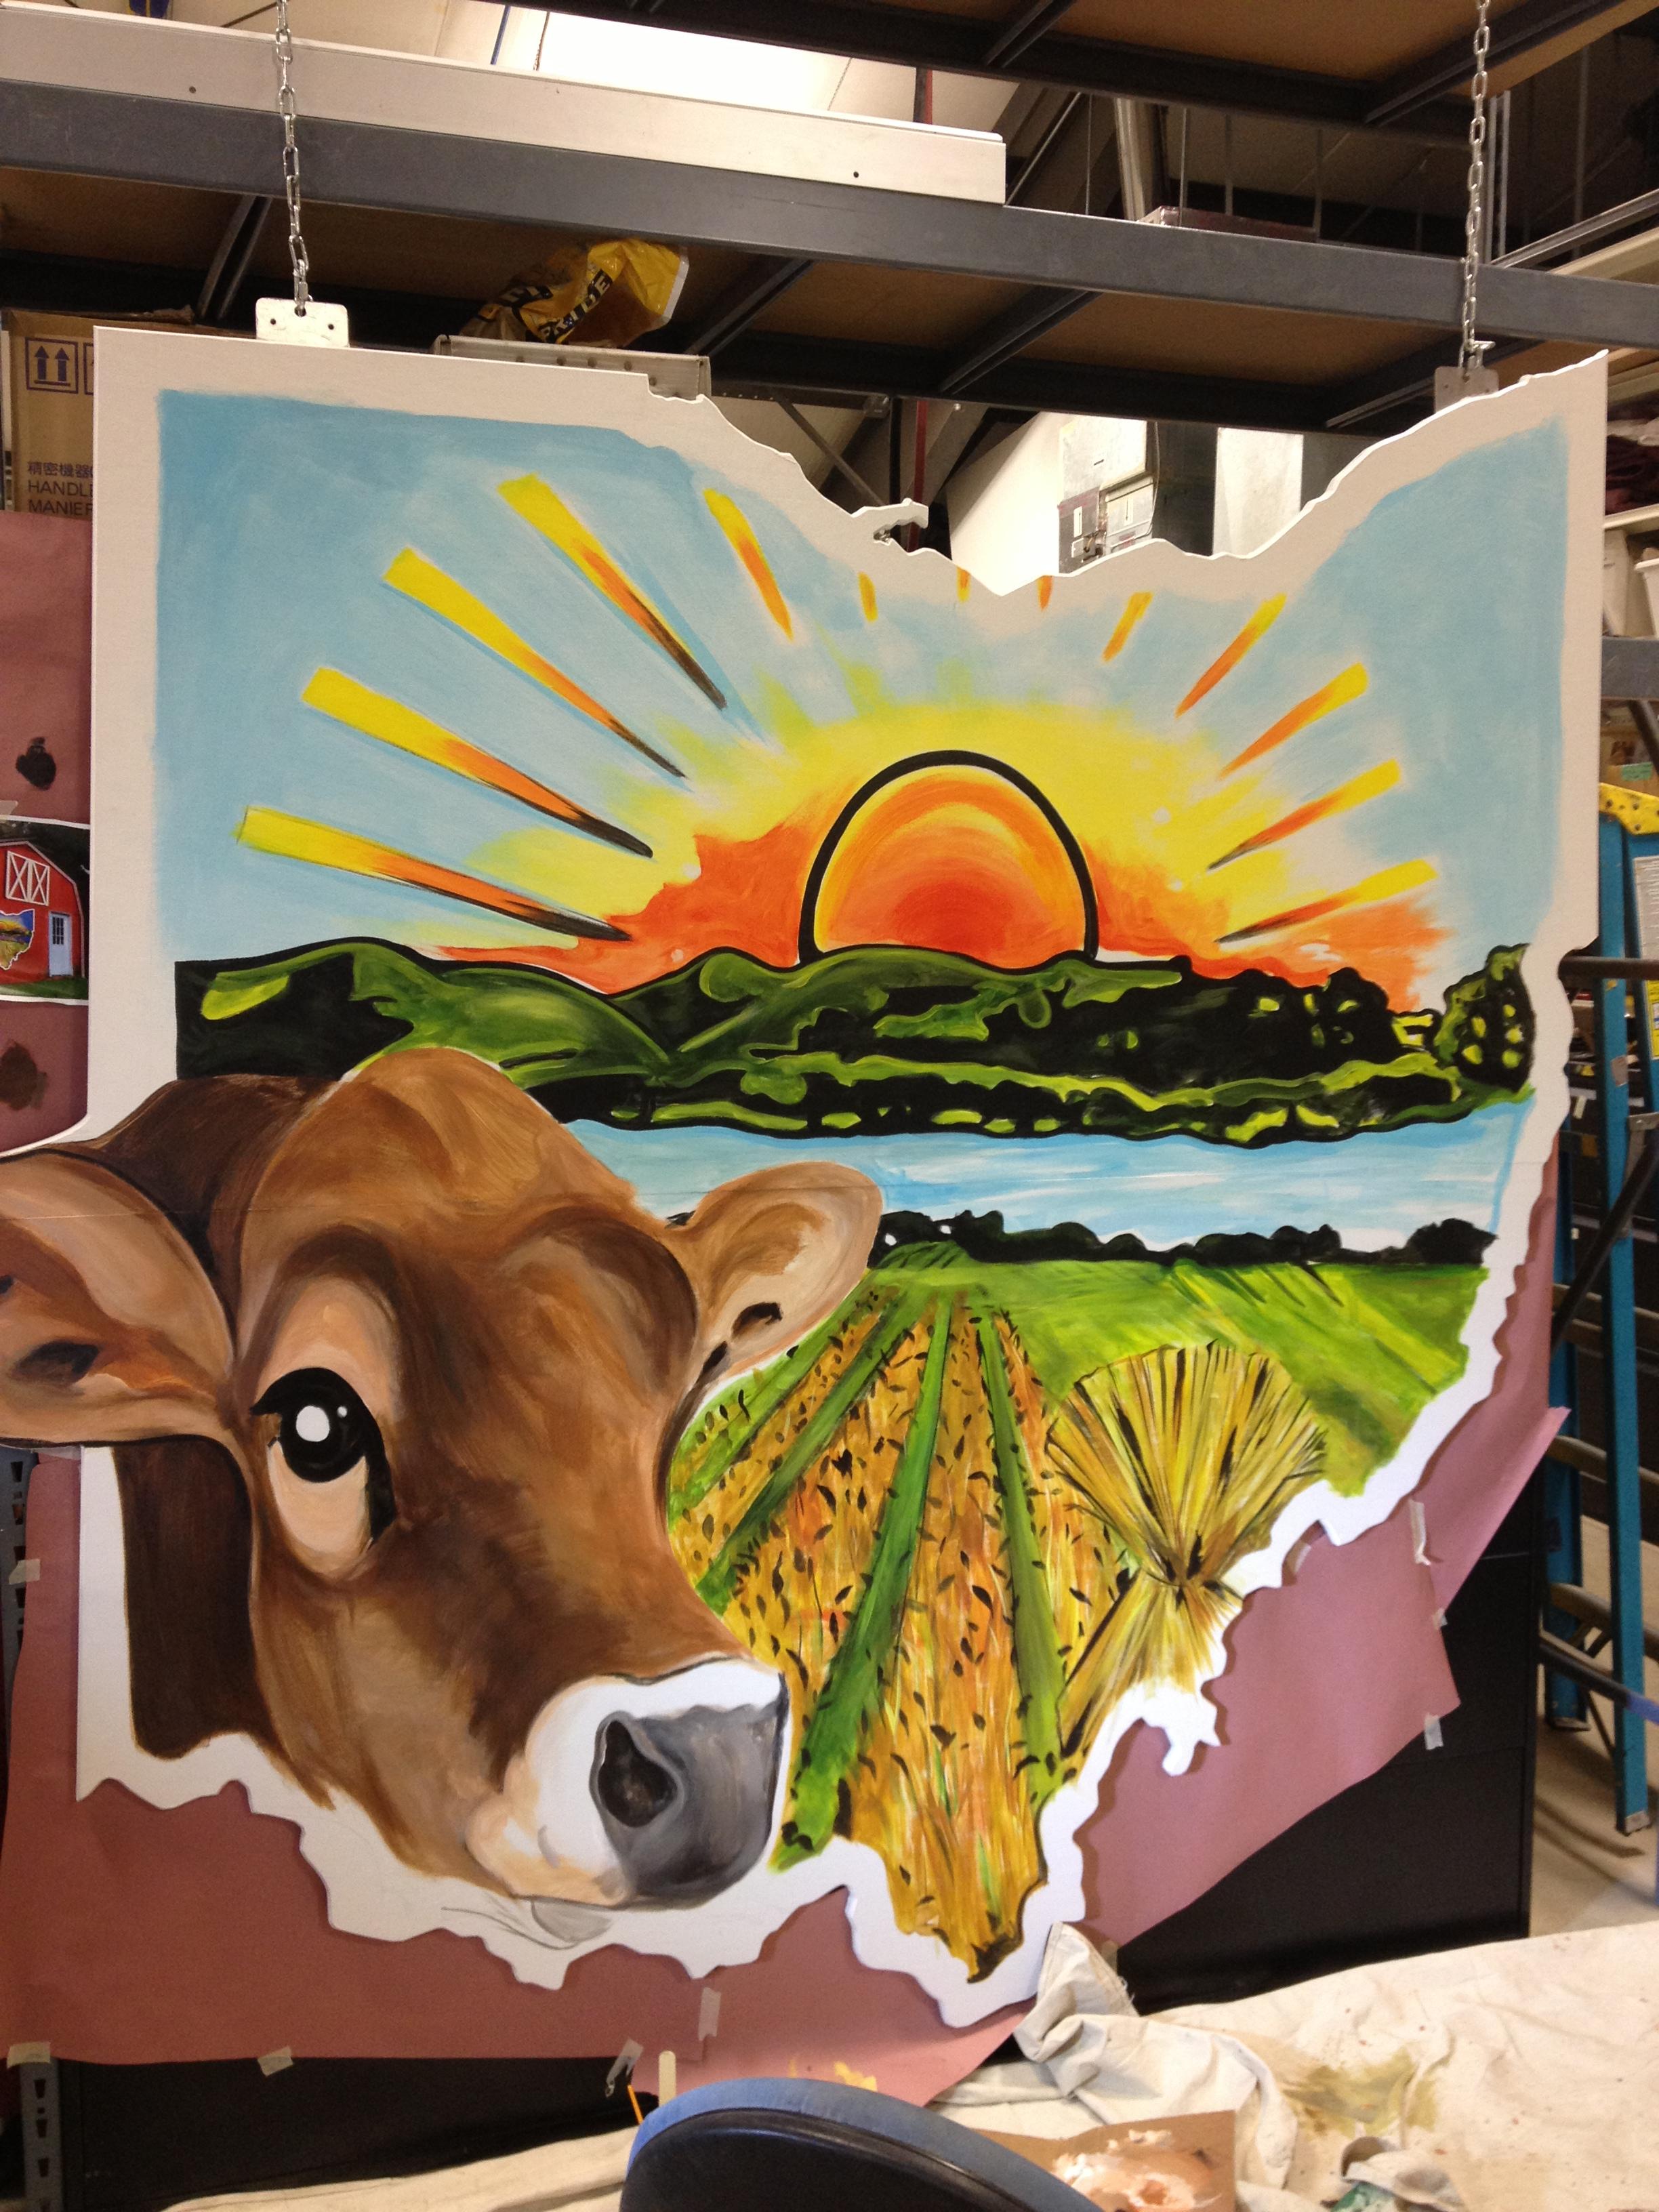 Farm Cow Mural